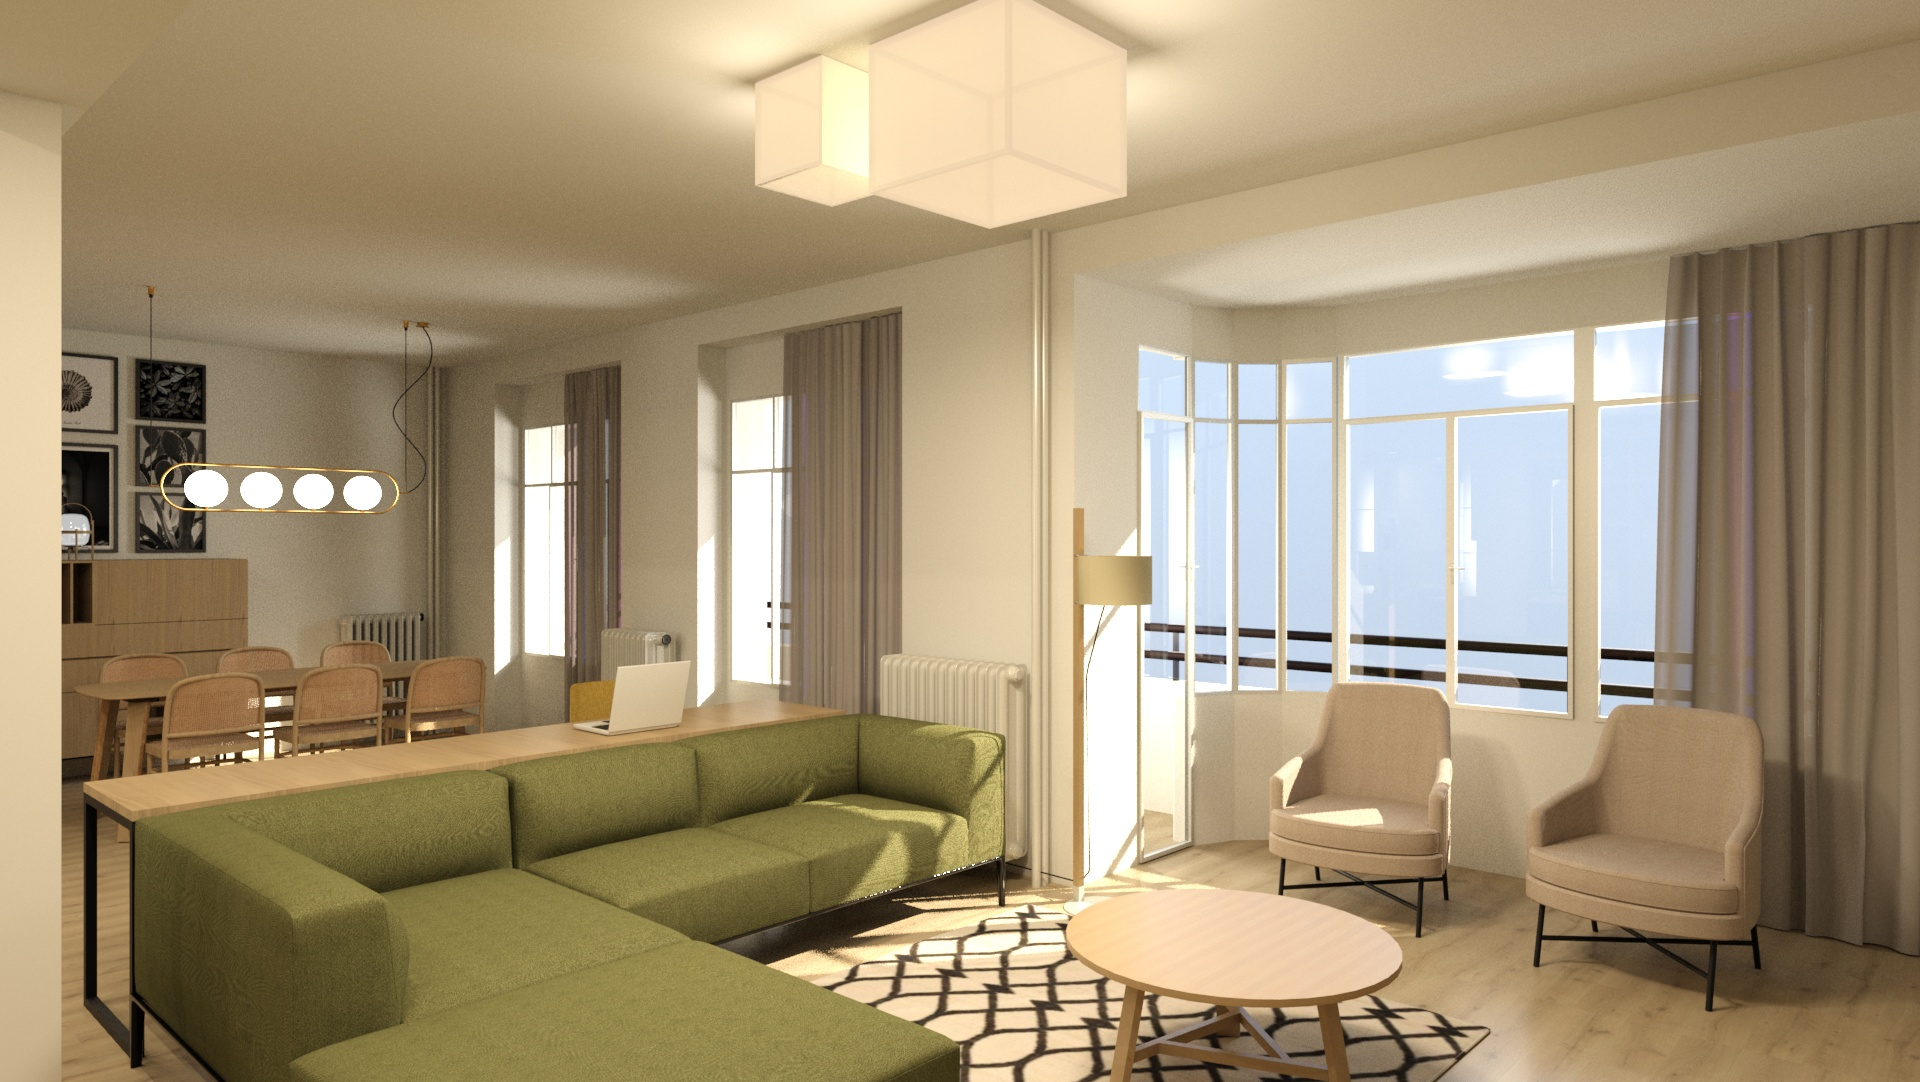 se vende reforma integral de vivienda en Plaza San Francisco laves en mano A54insitu arquitectura y diseño zaragoza